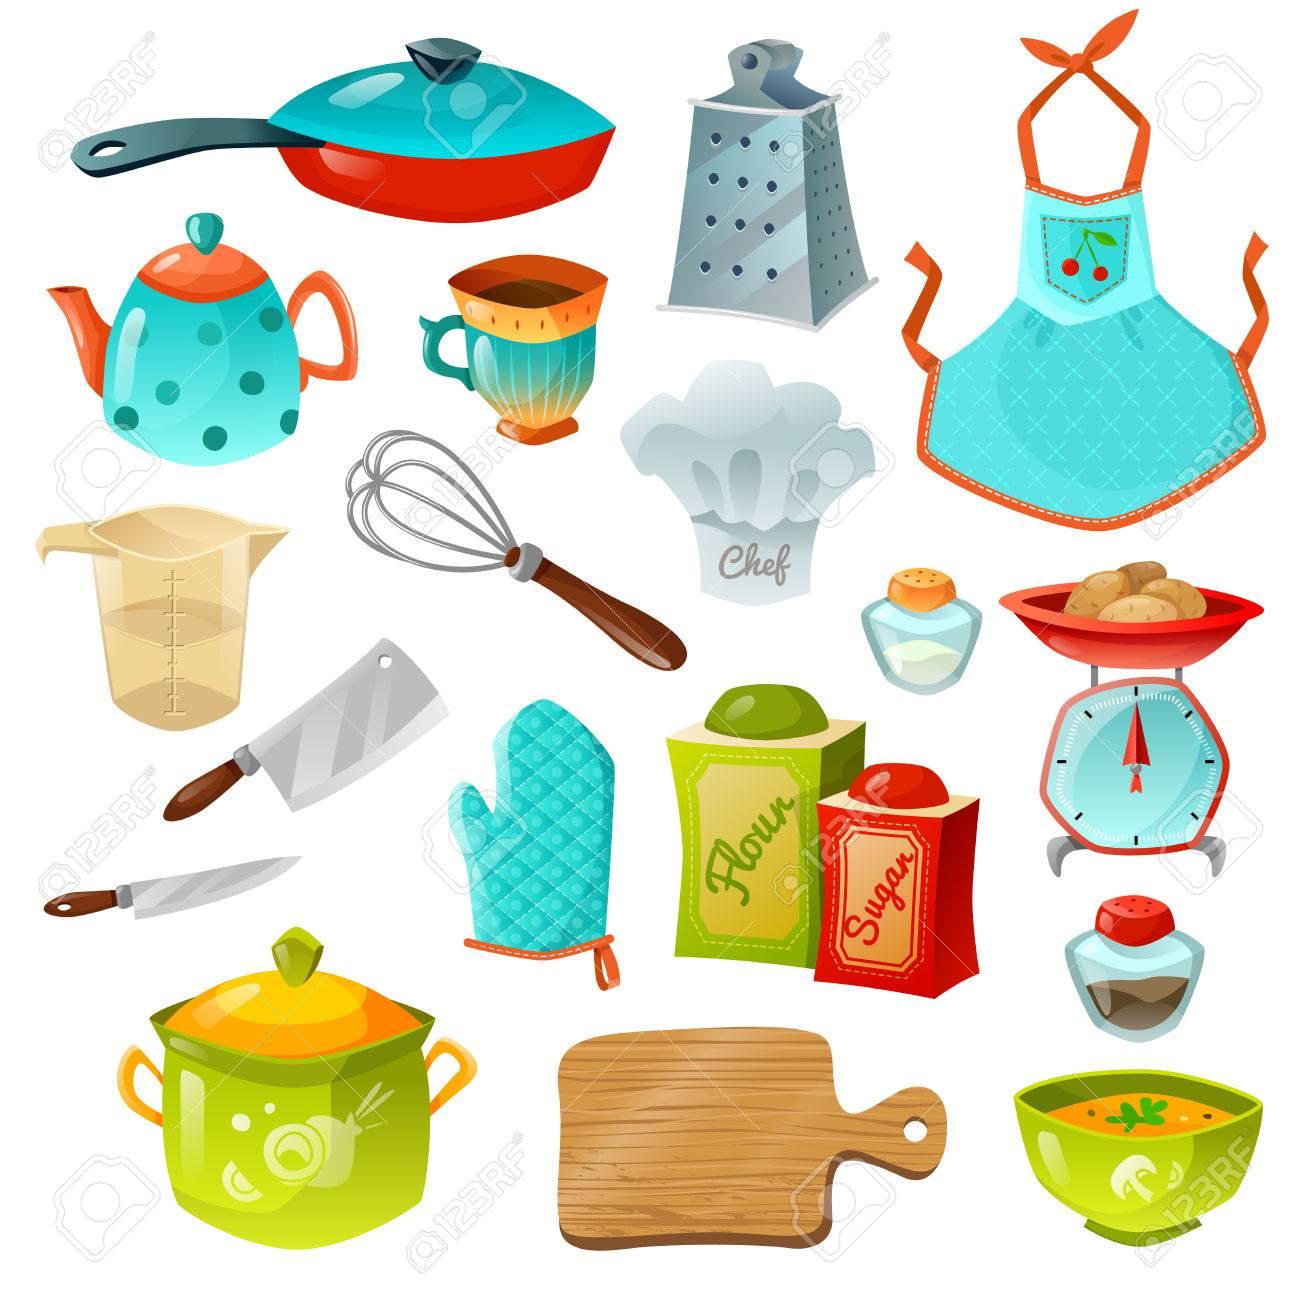 Cocinar Iconos Decorativos Conjunto De Utensilios De Cocina Con Olla